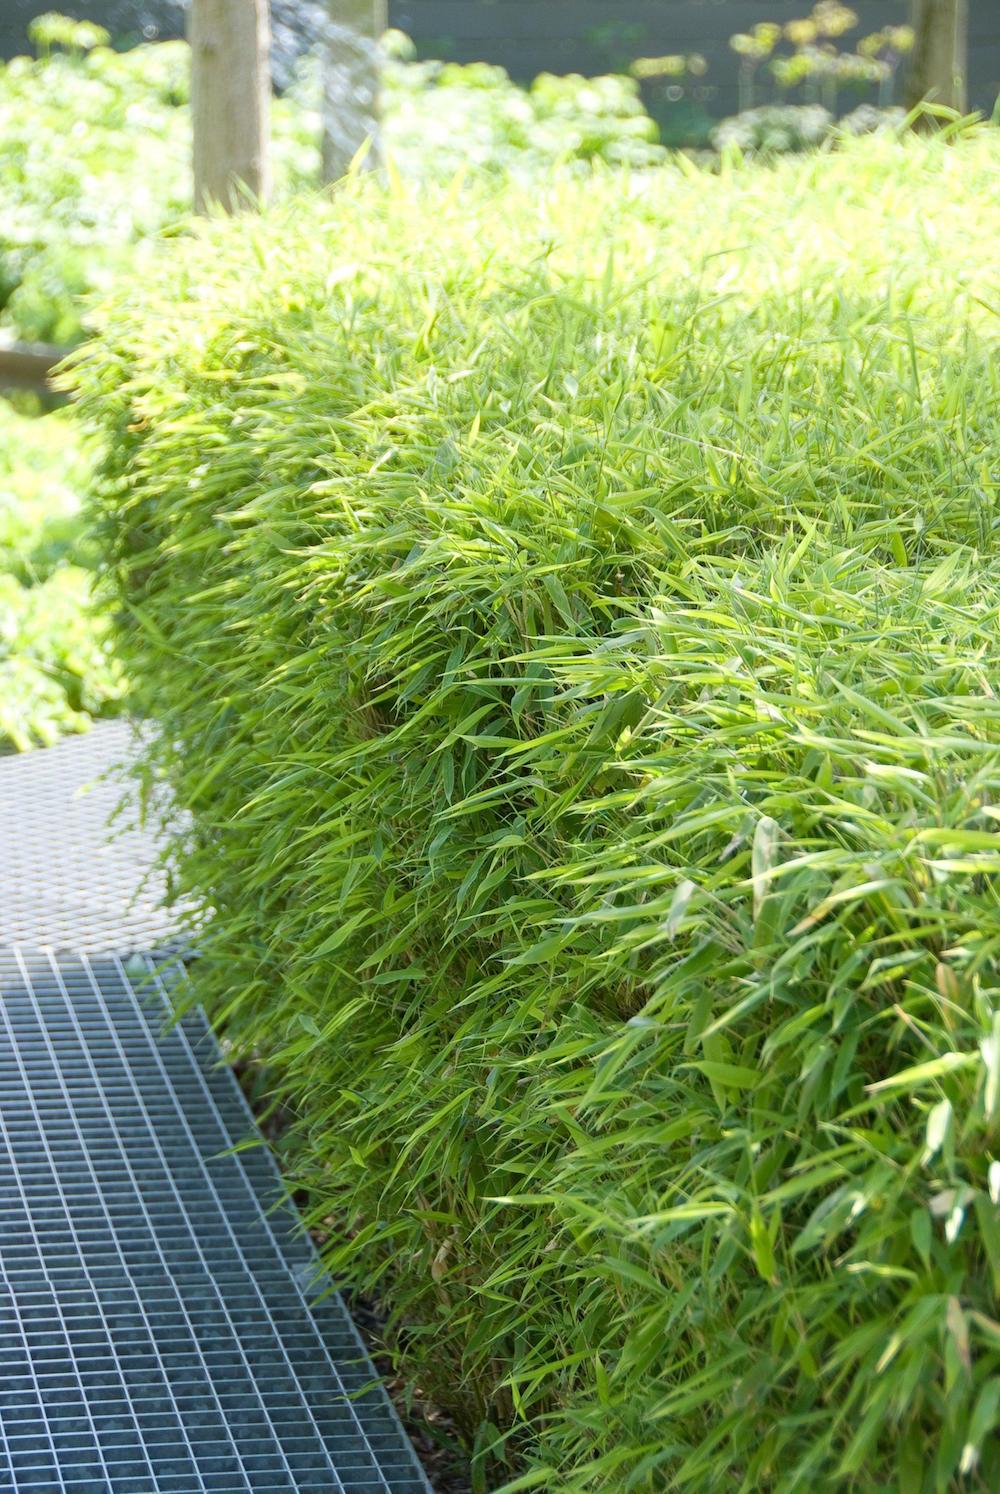 Tuinplanten die een positieve en lkalmerende invloed hebben #tuinplanten #tuin #balkon #mooiwatplantendoen #bamboe